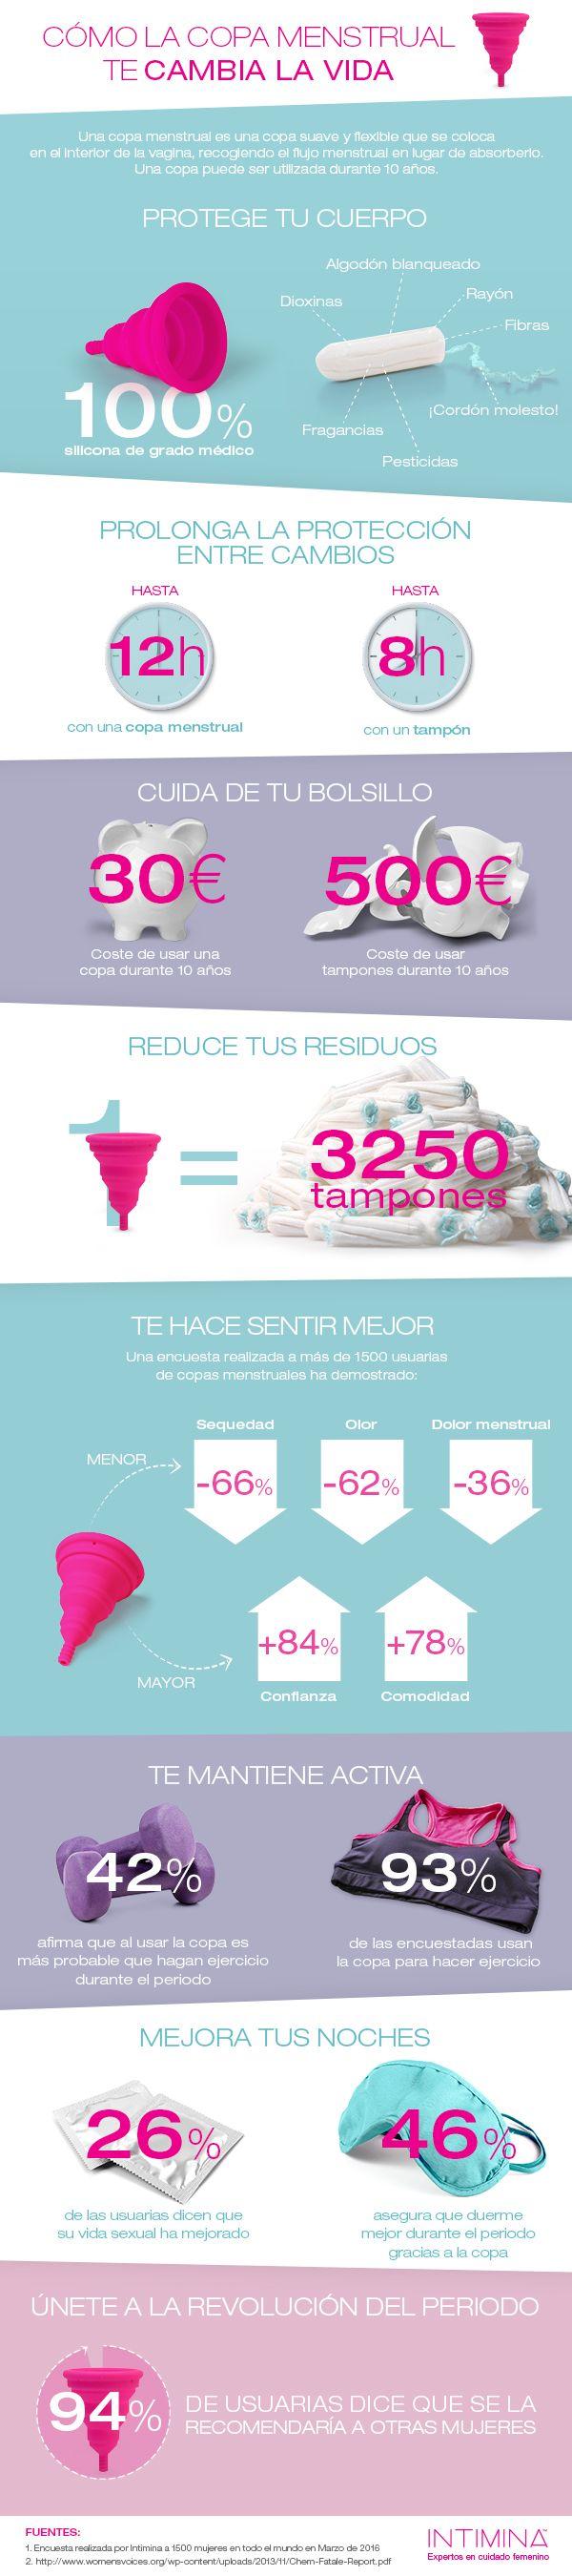 Cómo la copa menstrual te cambia la vida